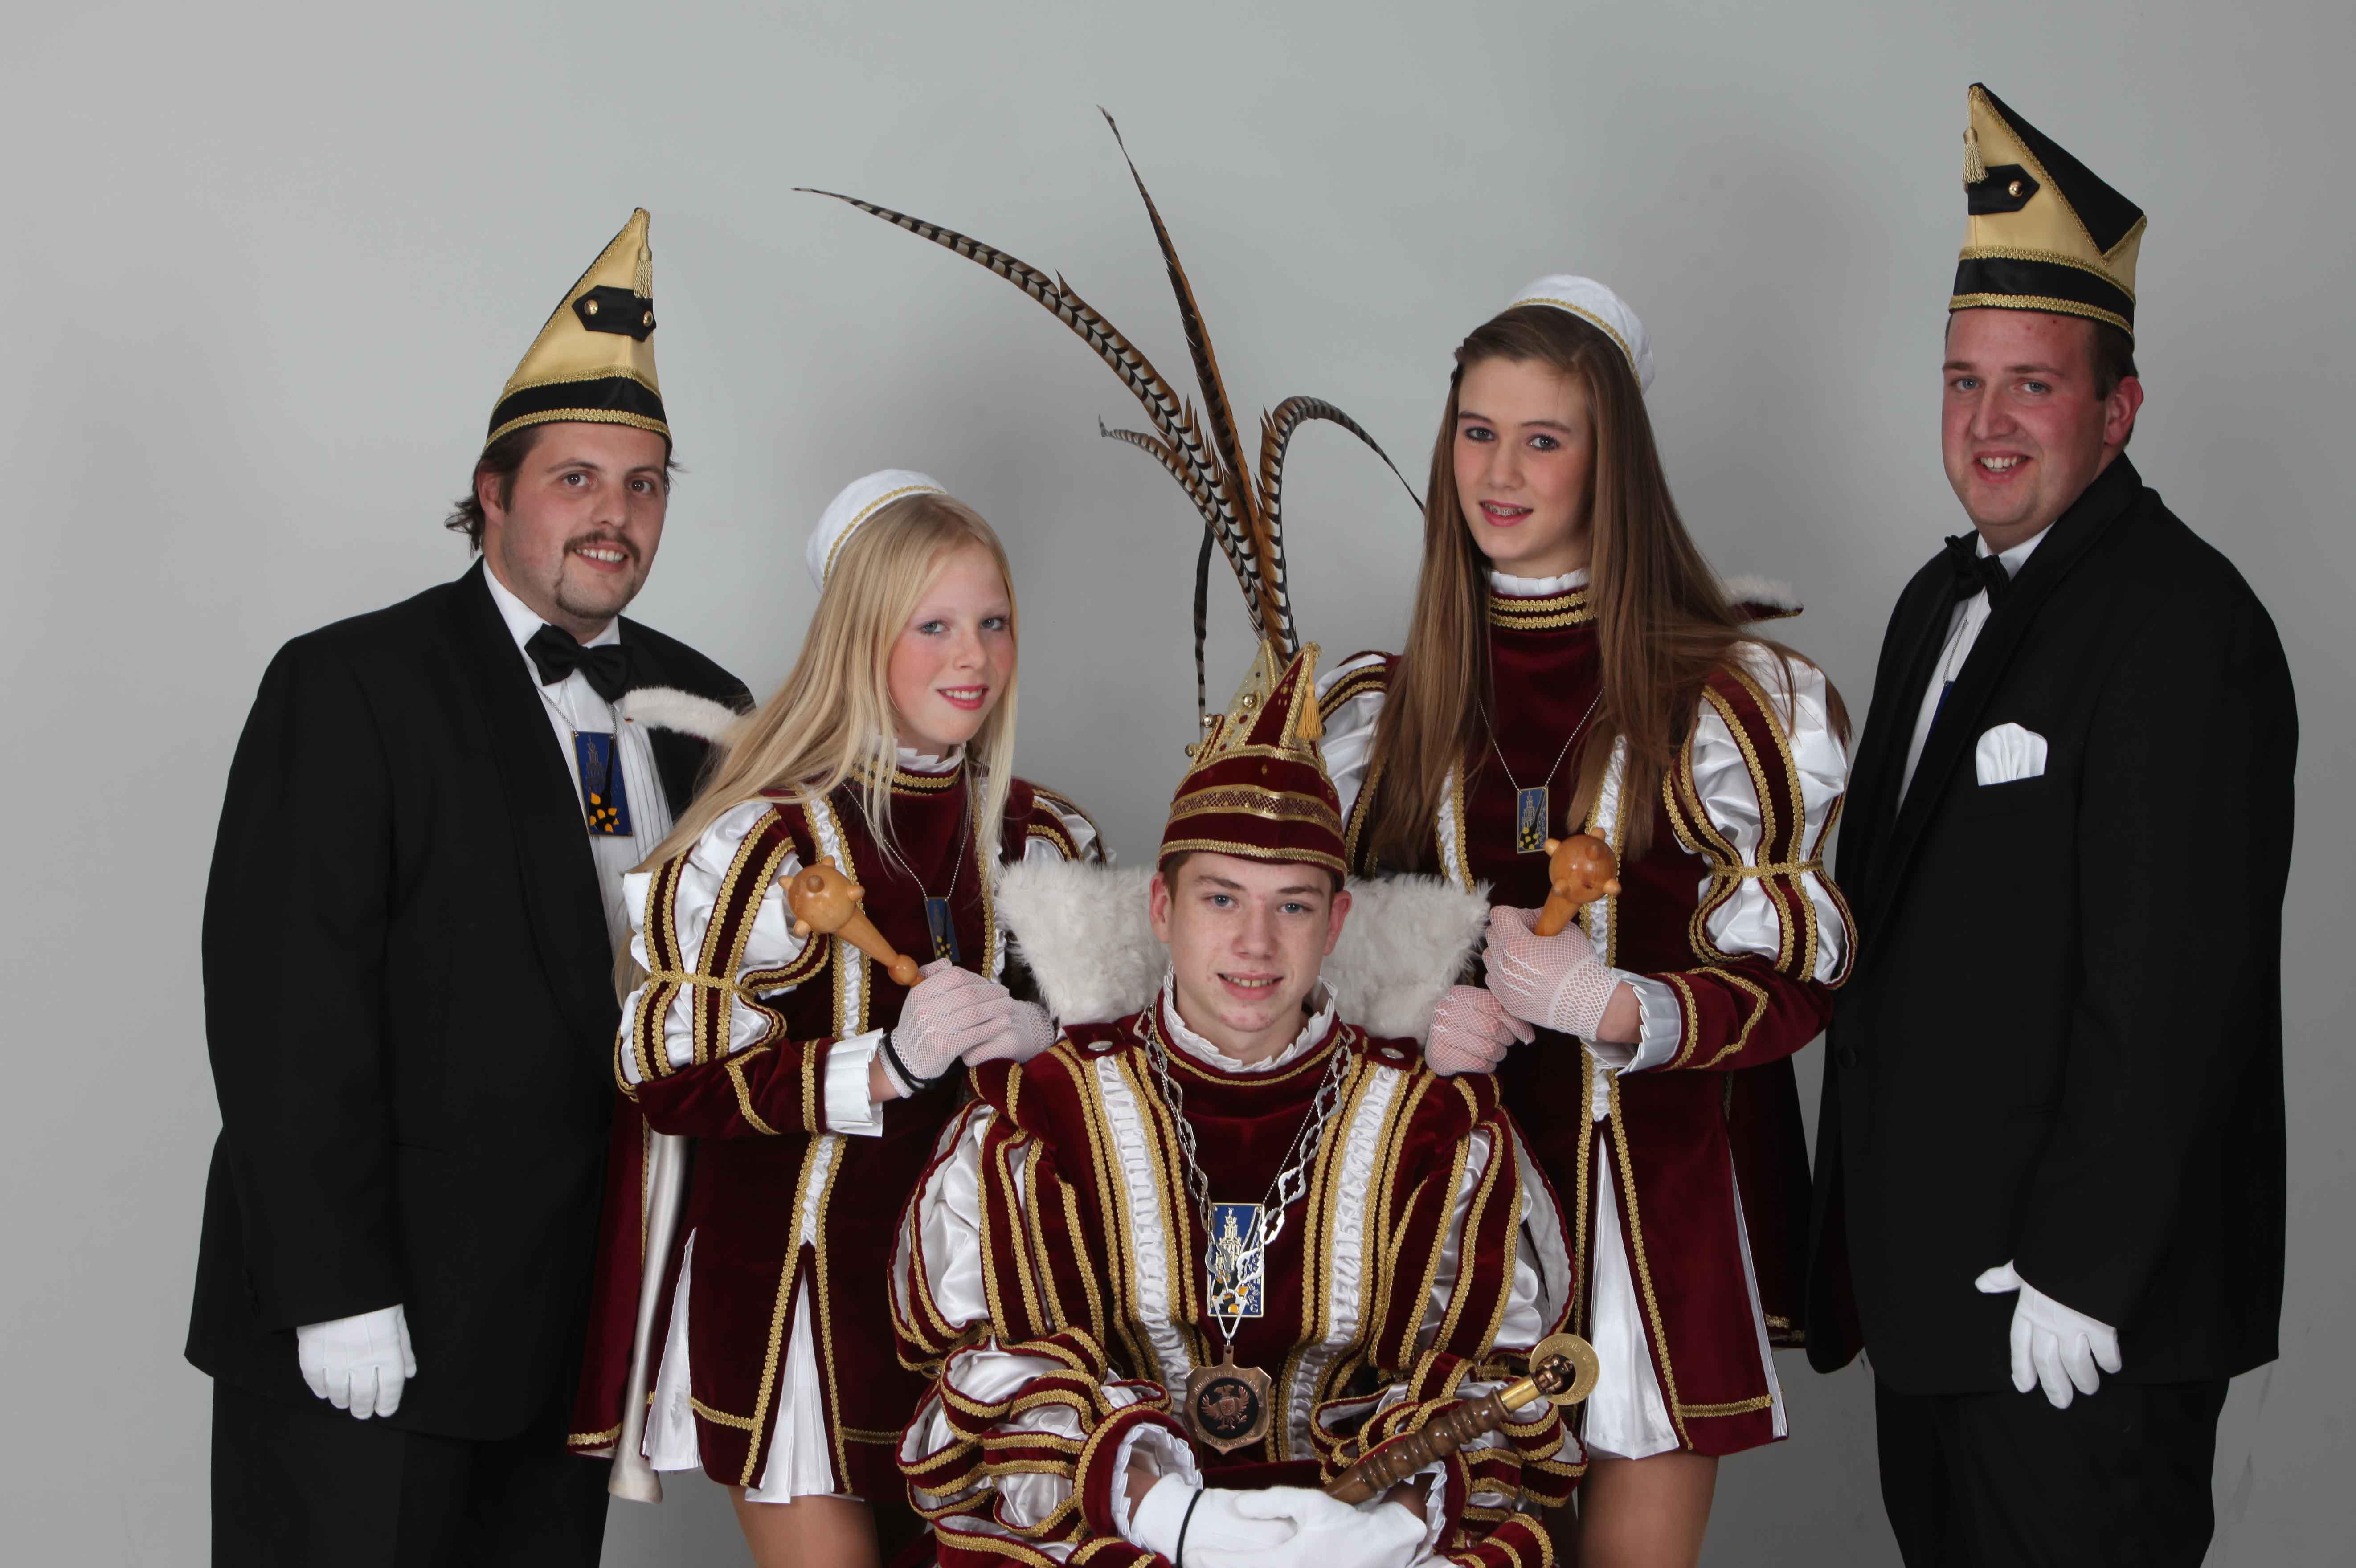 15.-Yvon-de-Groot-en-Lonneke-Willems-in-jeugdkabinet-Ward-1-Nieboer-2011